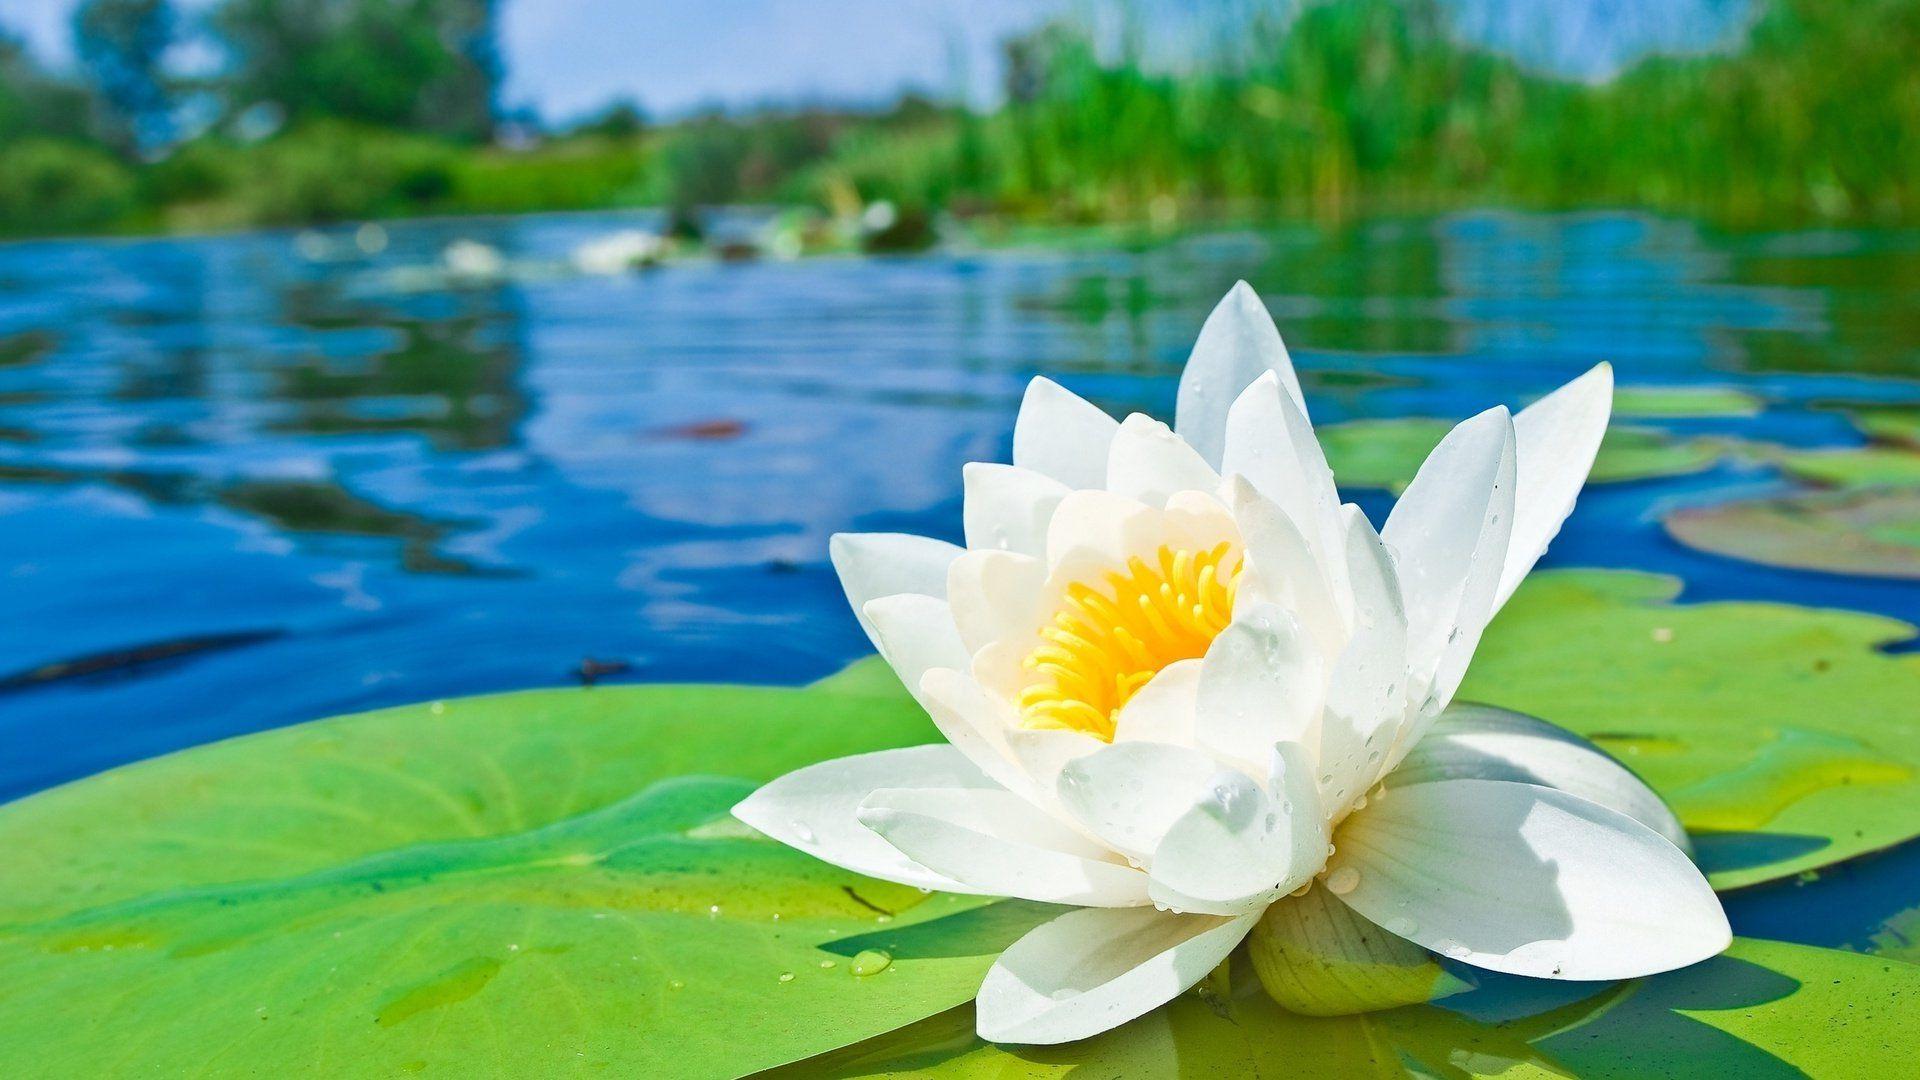 природа цветы водяная лилия кувшинка без регистрации